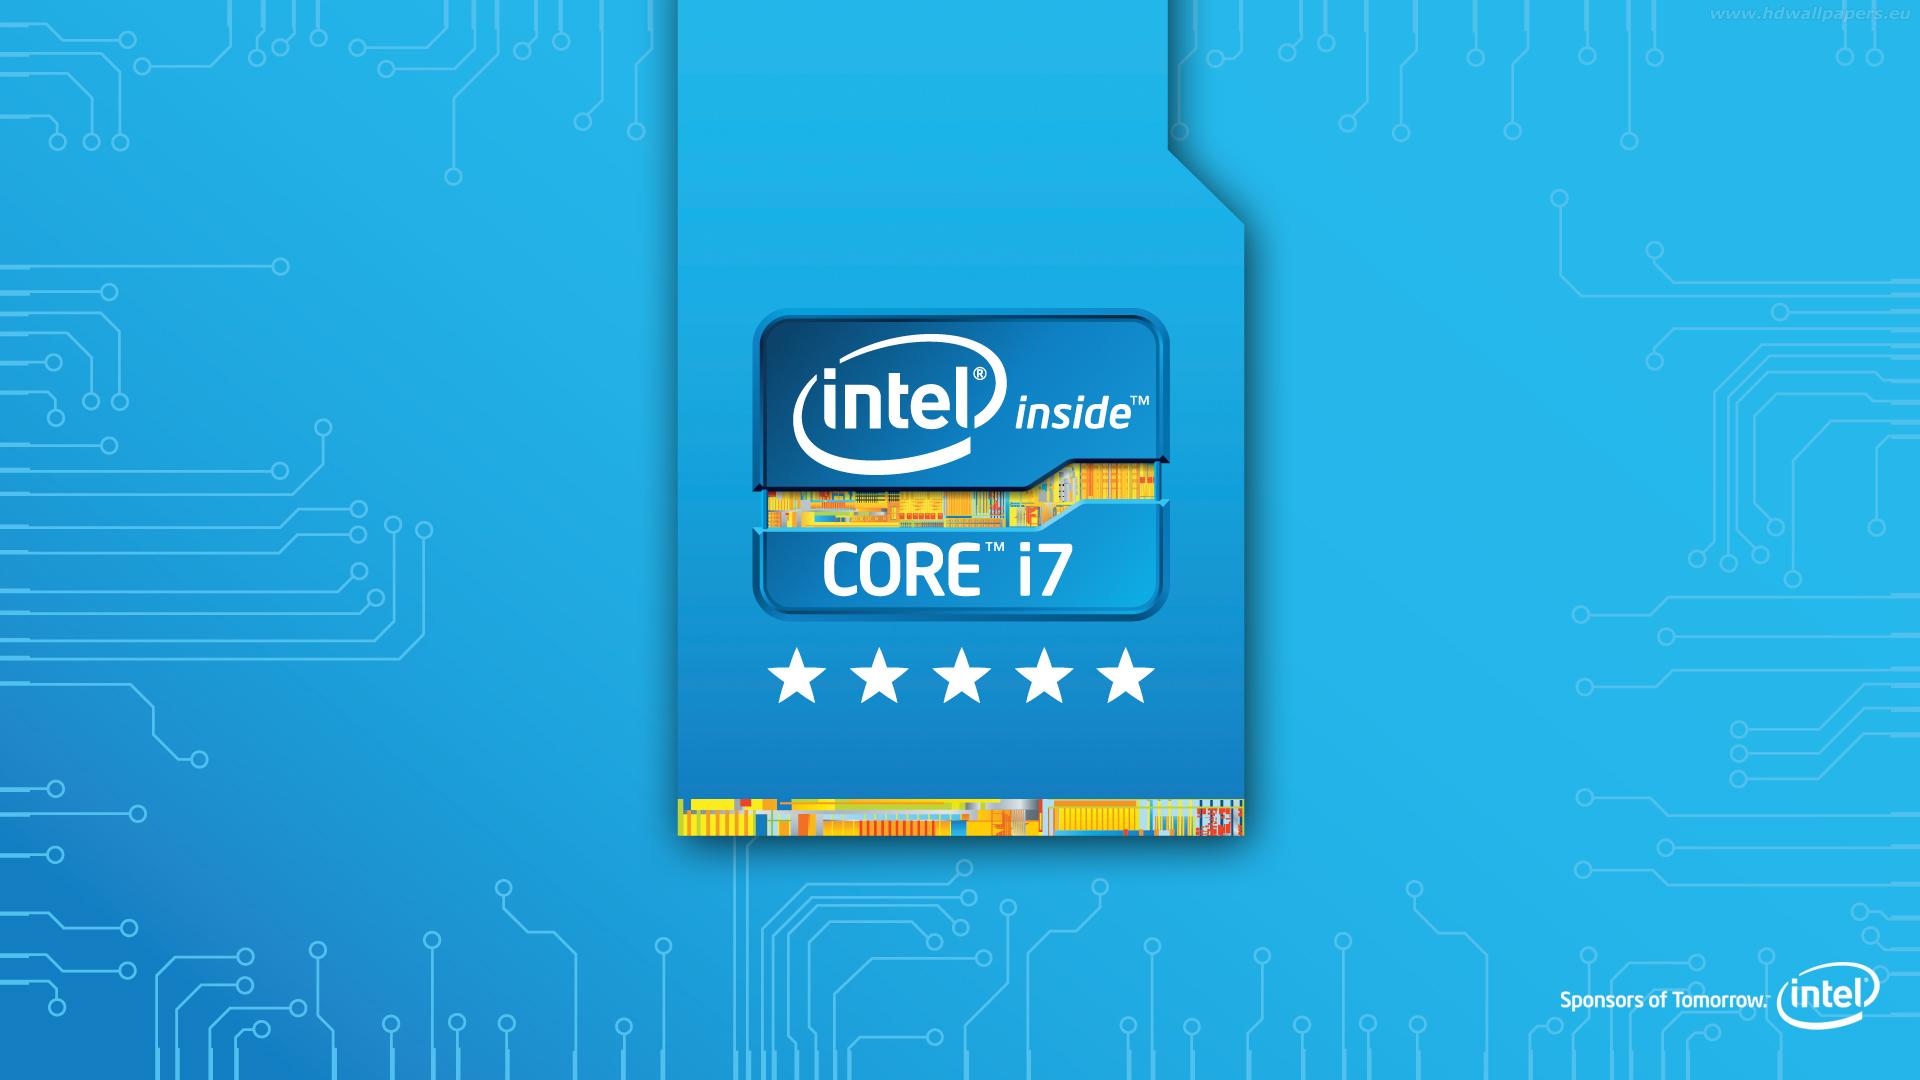 wallpaper intel core i7 1920x1080 1920x1080